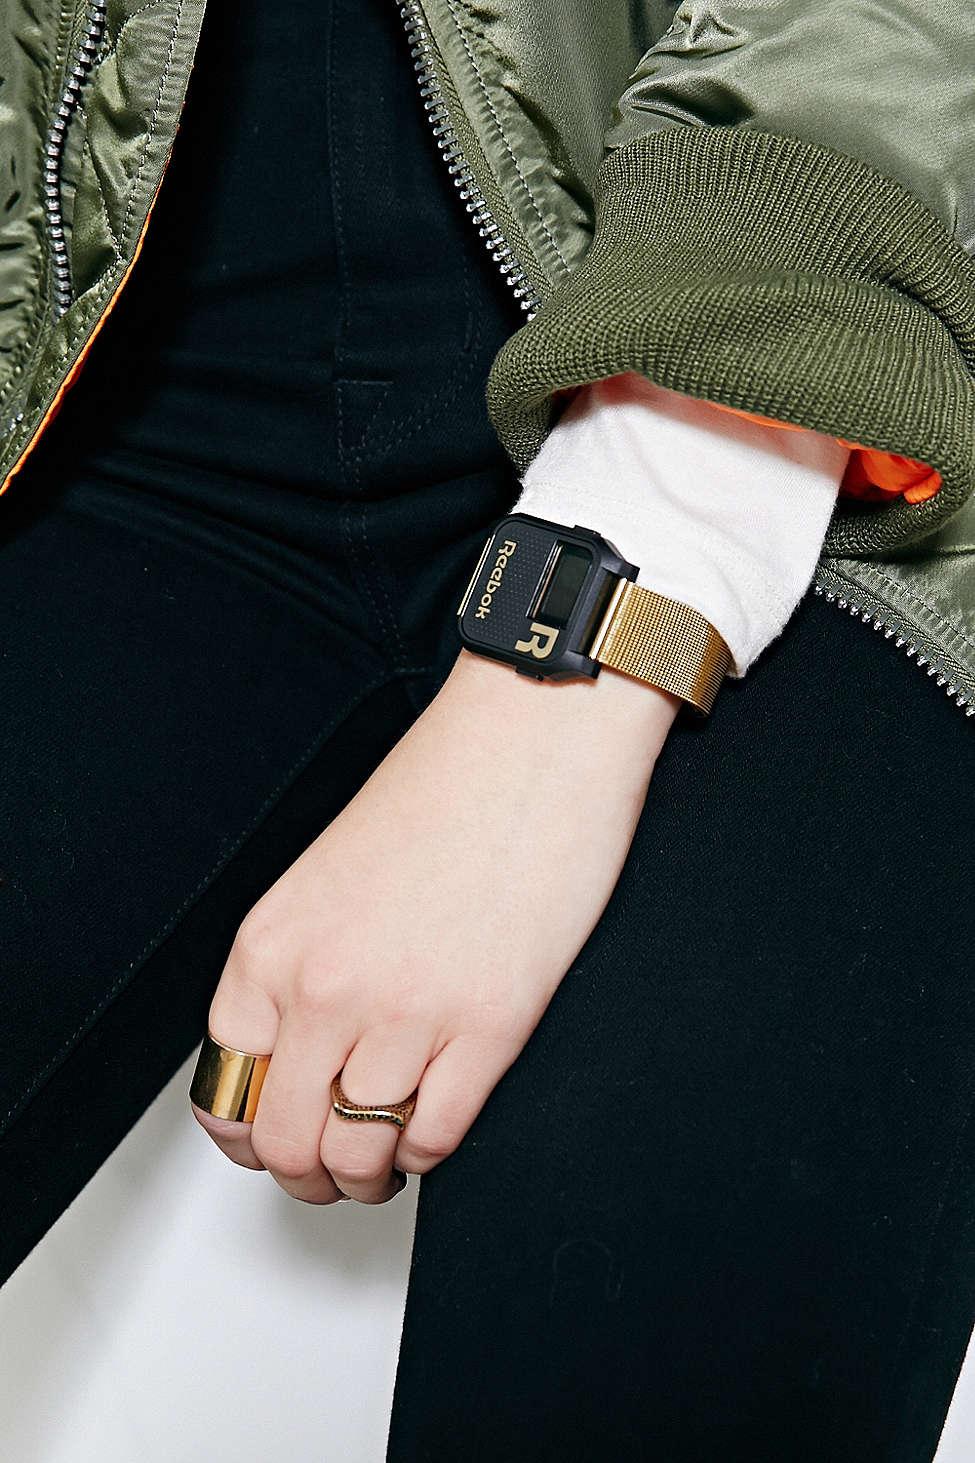 REEBOK Gold Vintage Nerd Watch